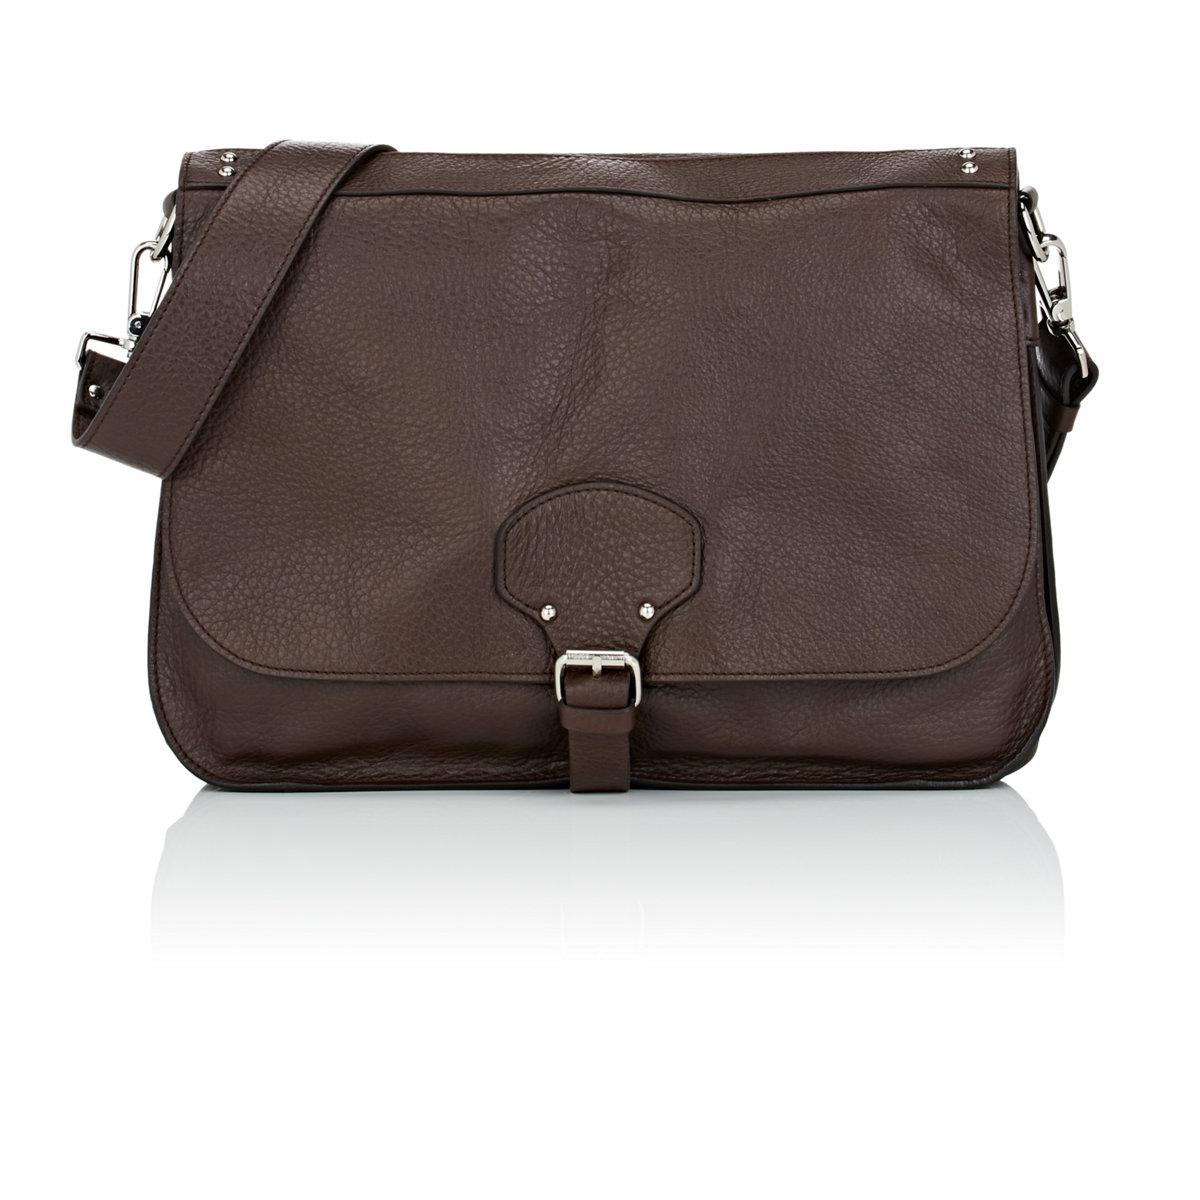 Barneys New York Leather Messenger Bag in Brown for Men - Lyst b084de8088809